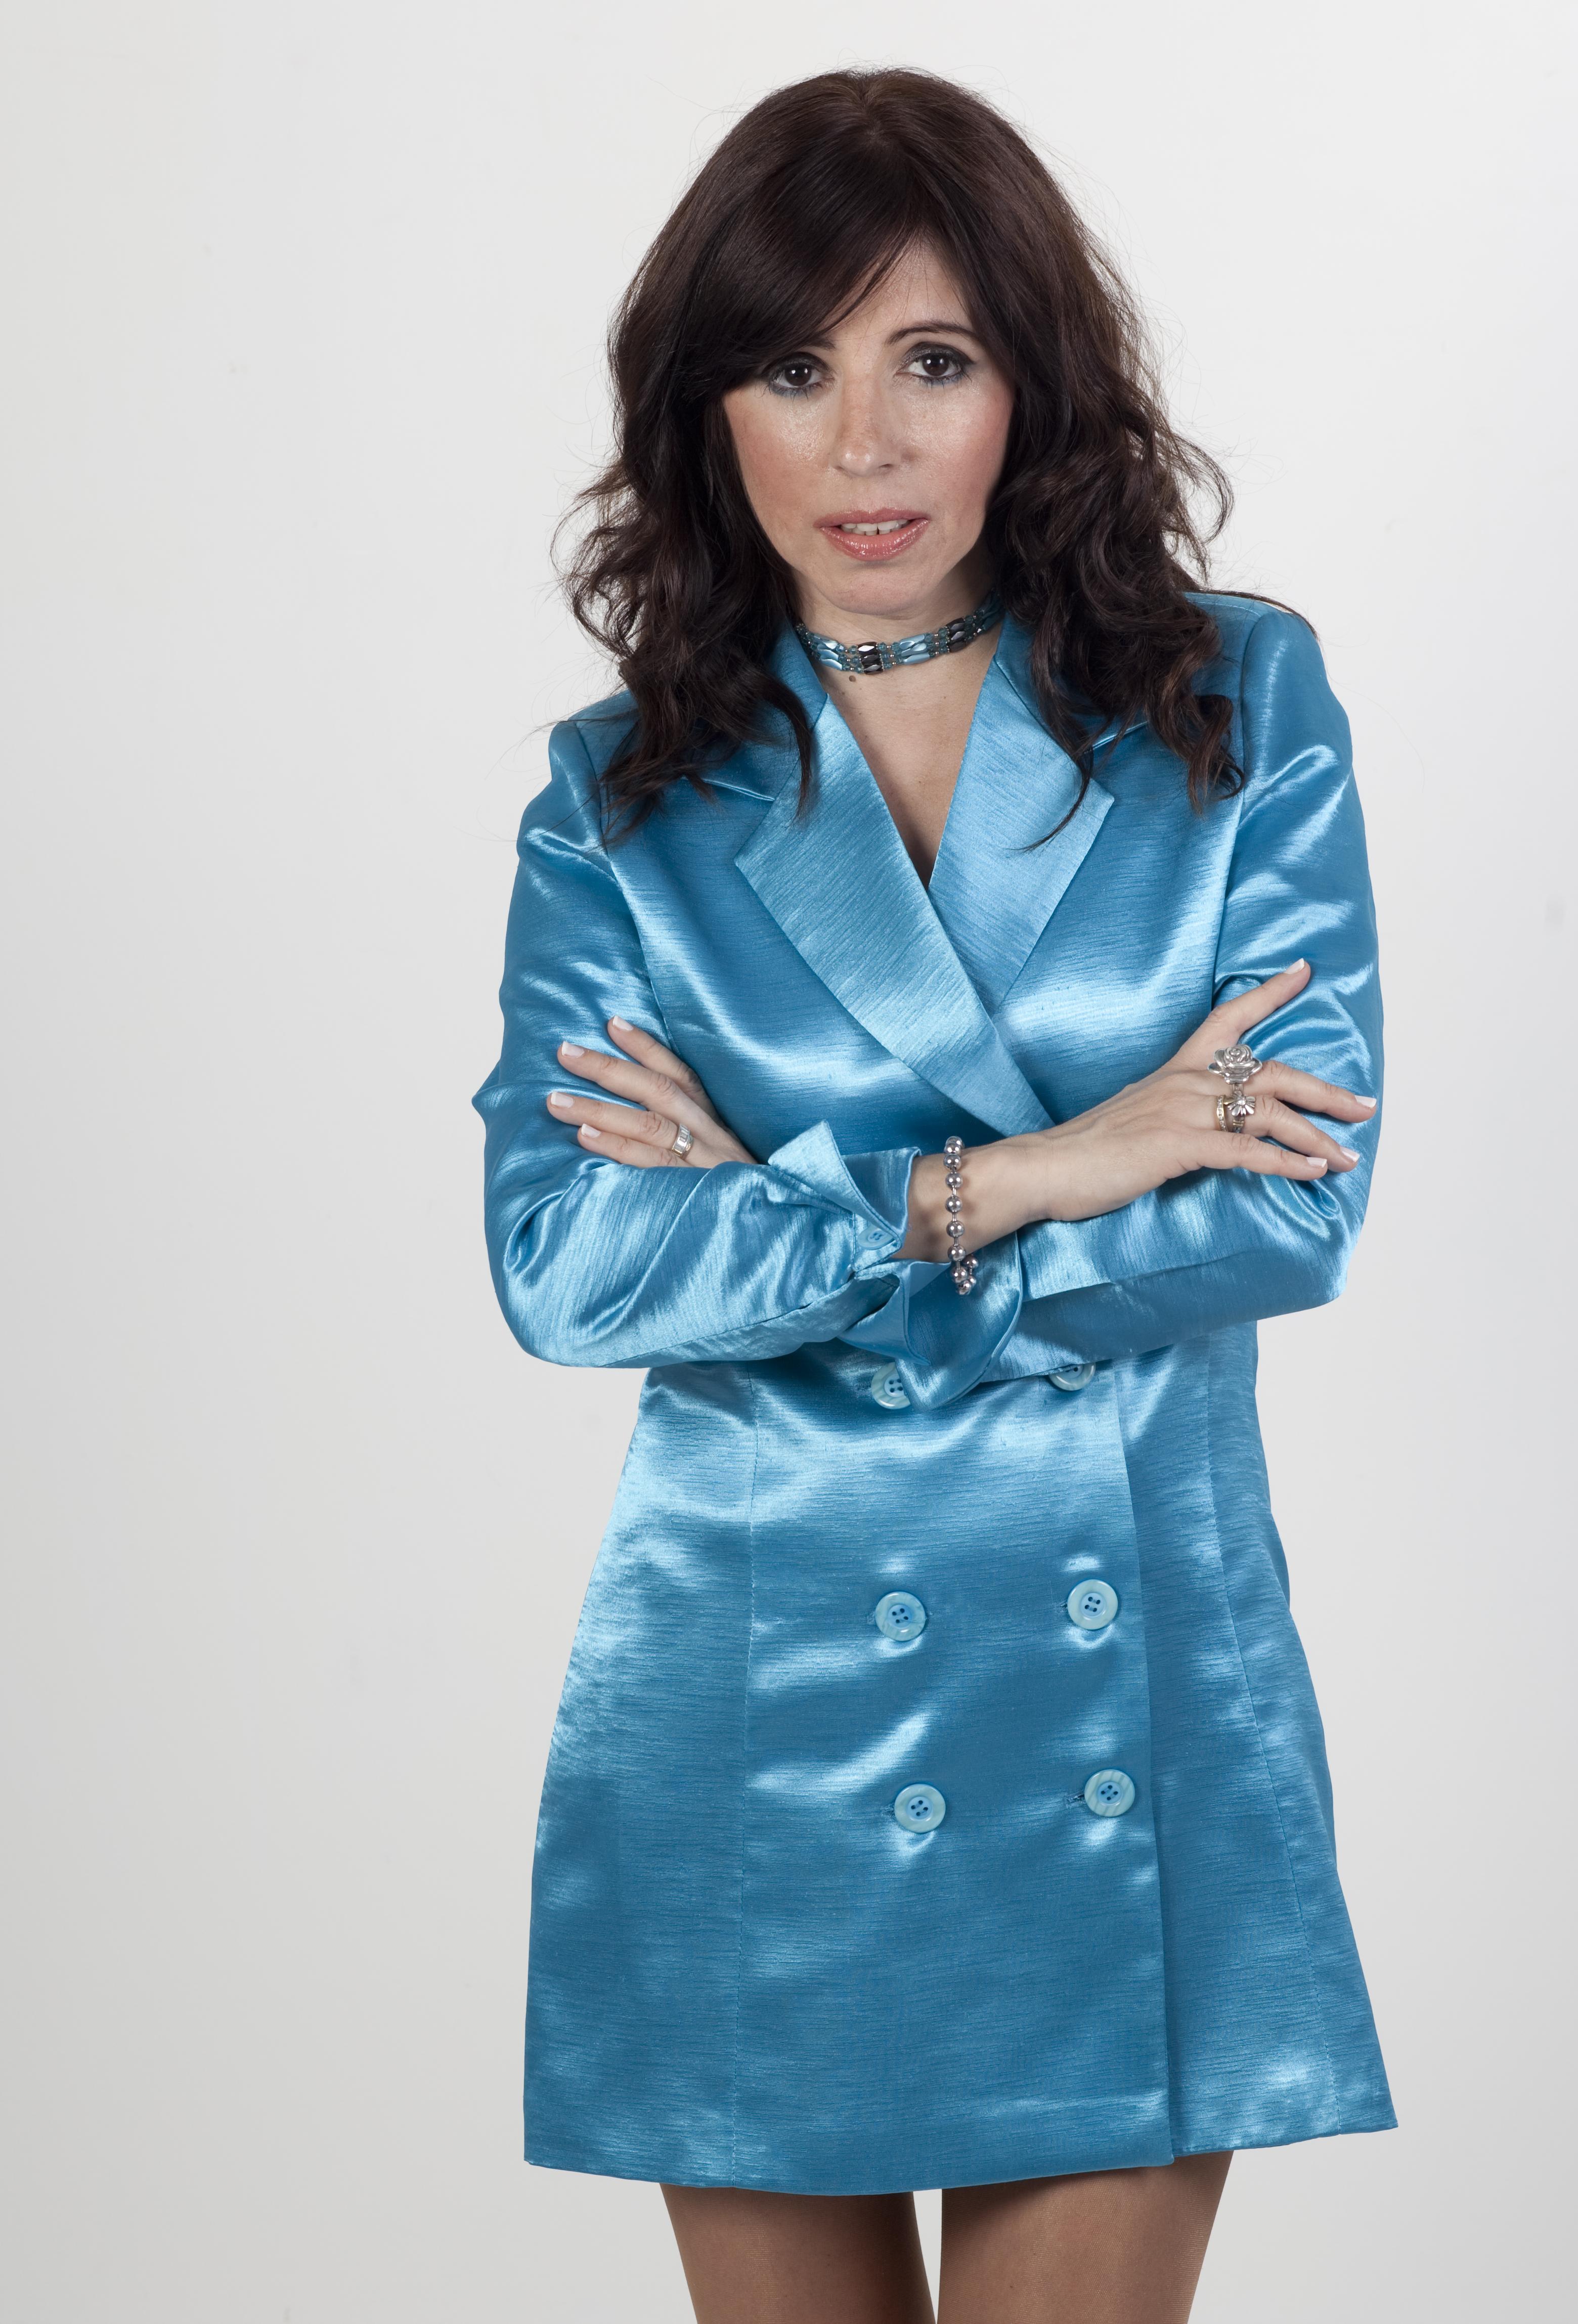 Cristina_Fern%C3%A1ndez_cantante